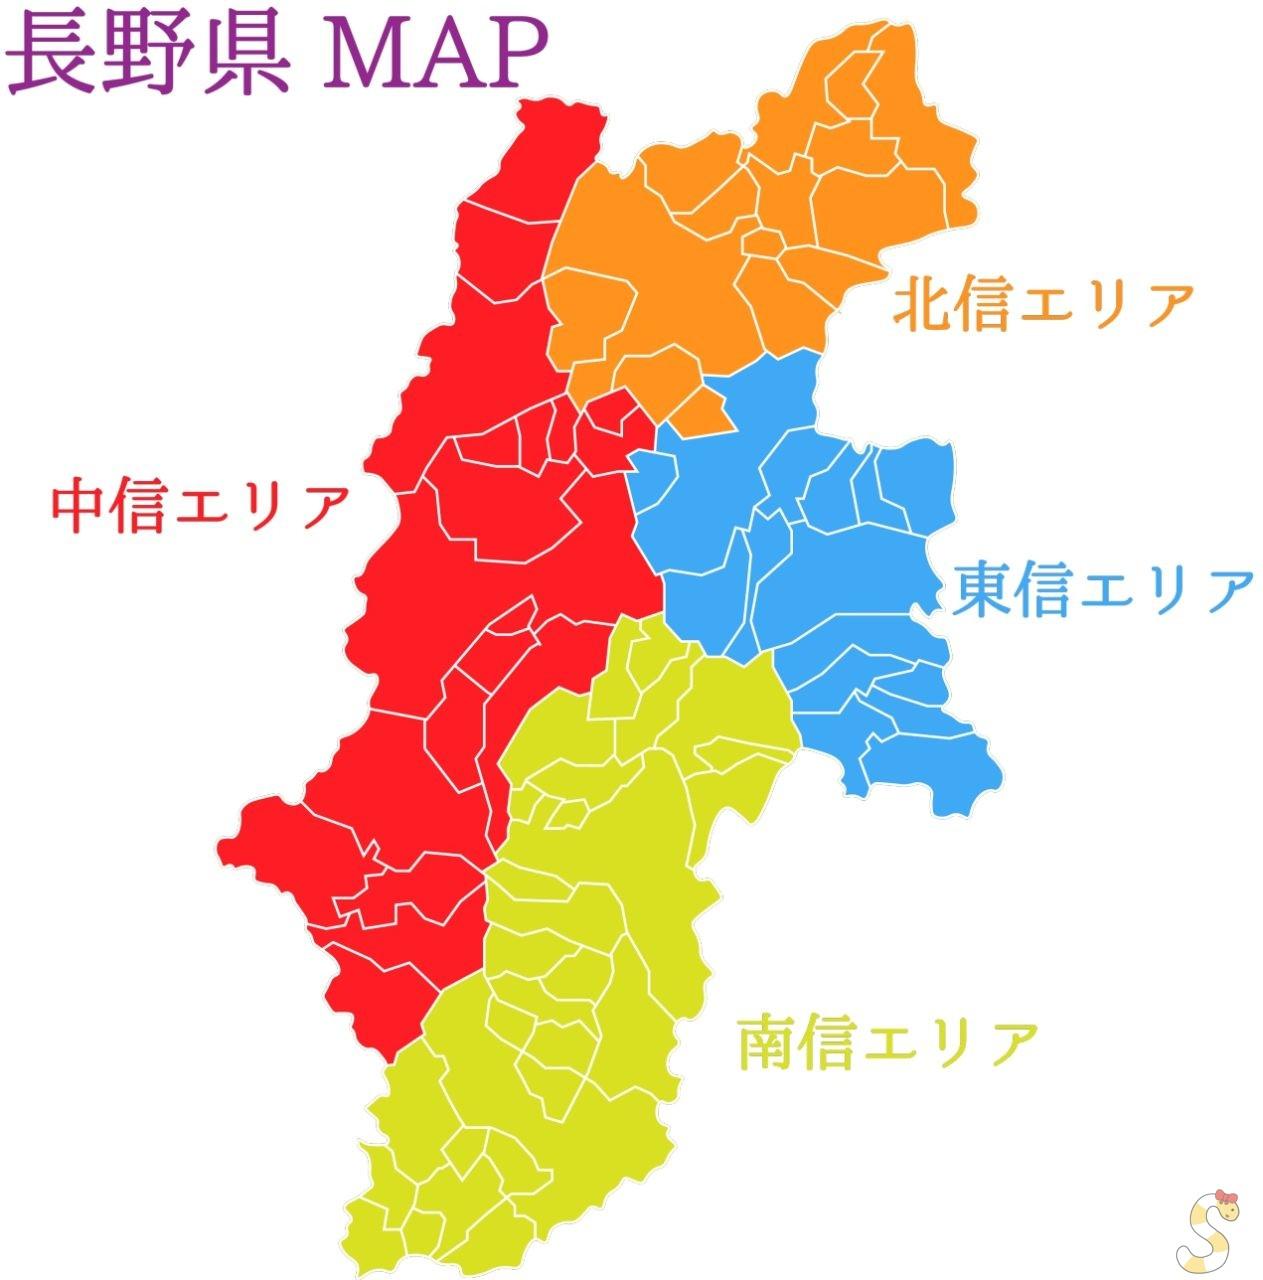 長野県区分